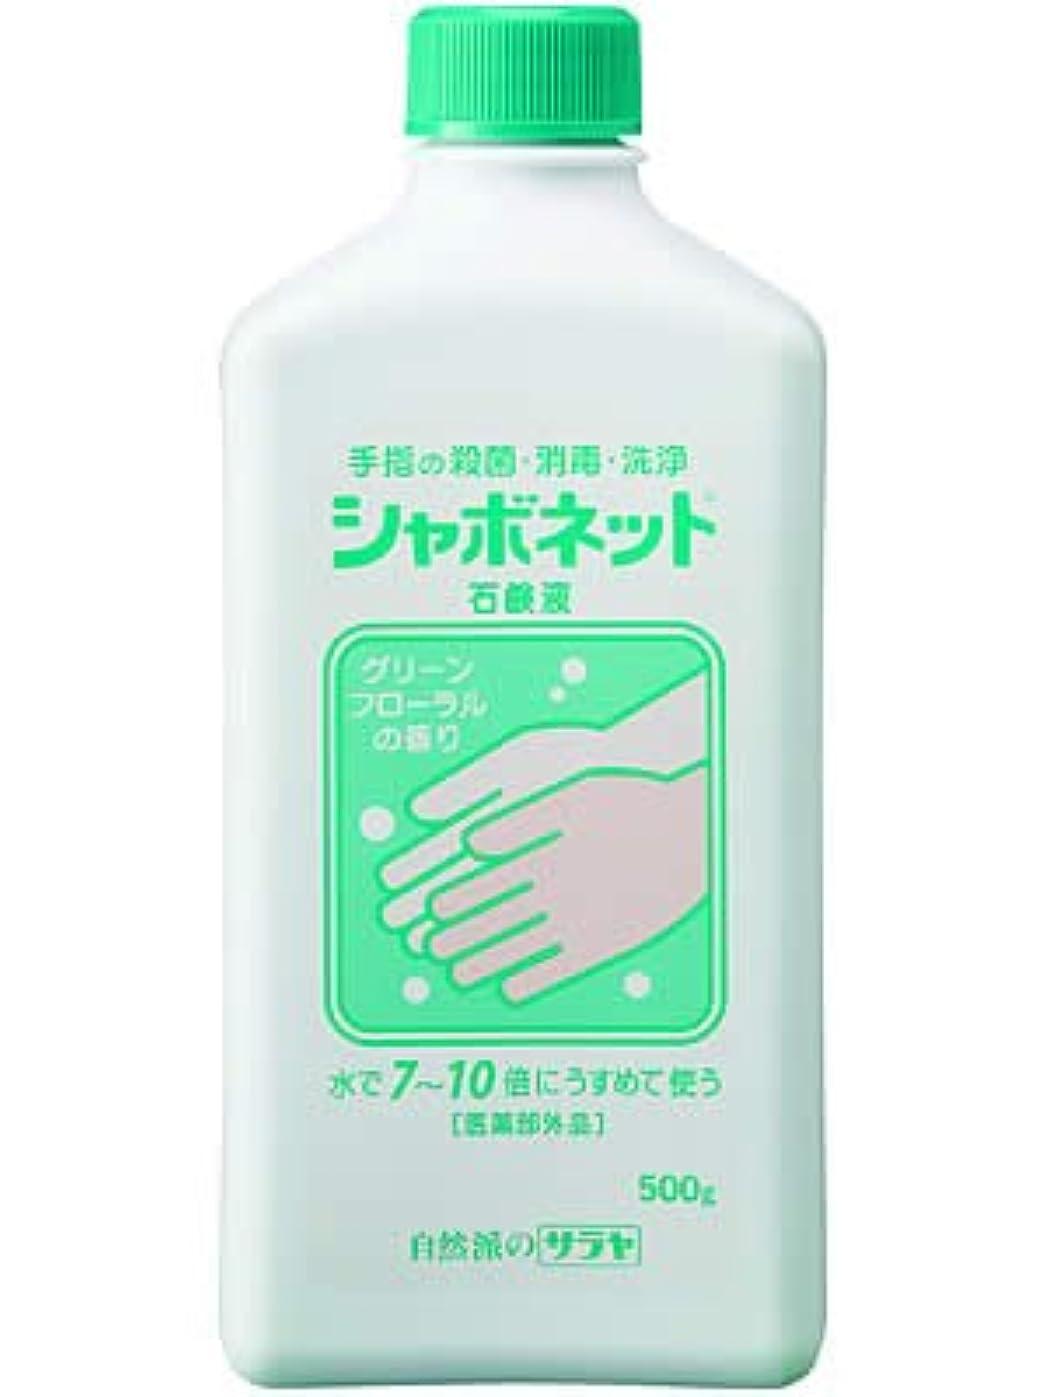 チート鉱夫金銭的シャボネット 石鹸液 500g ×8個セット